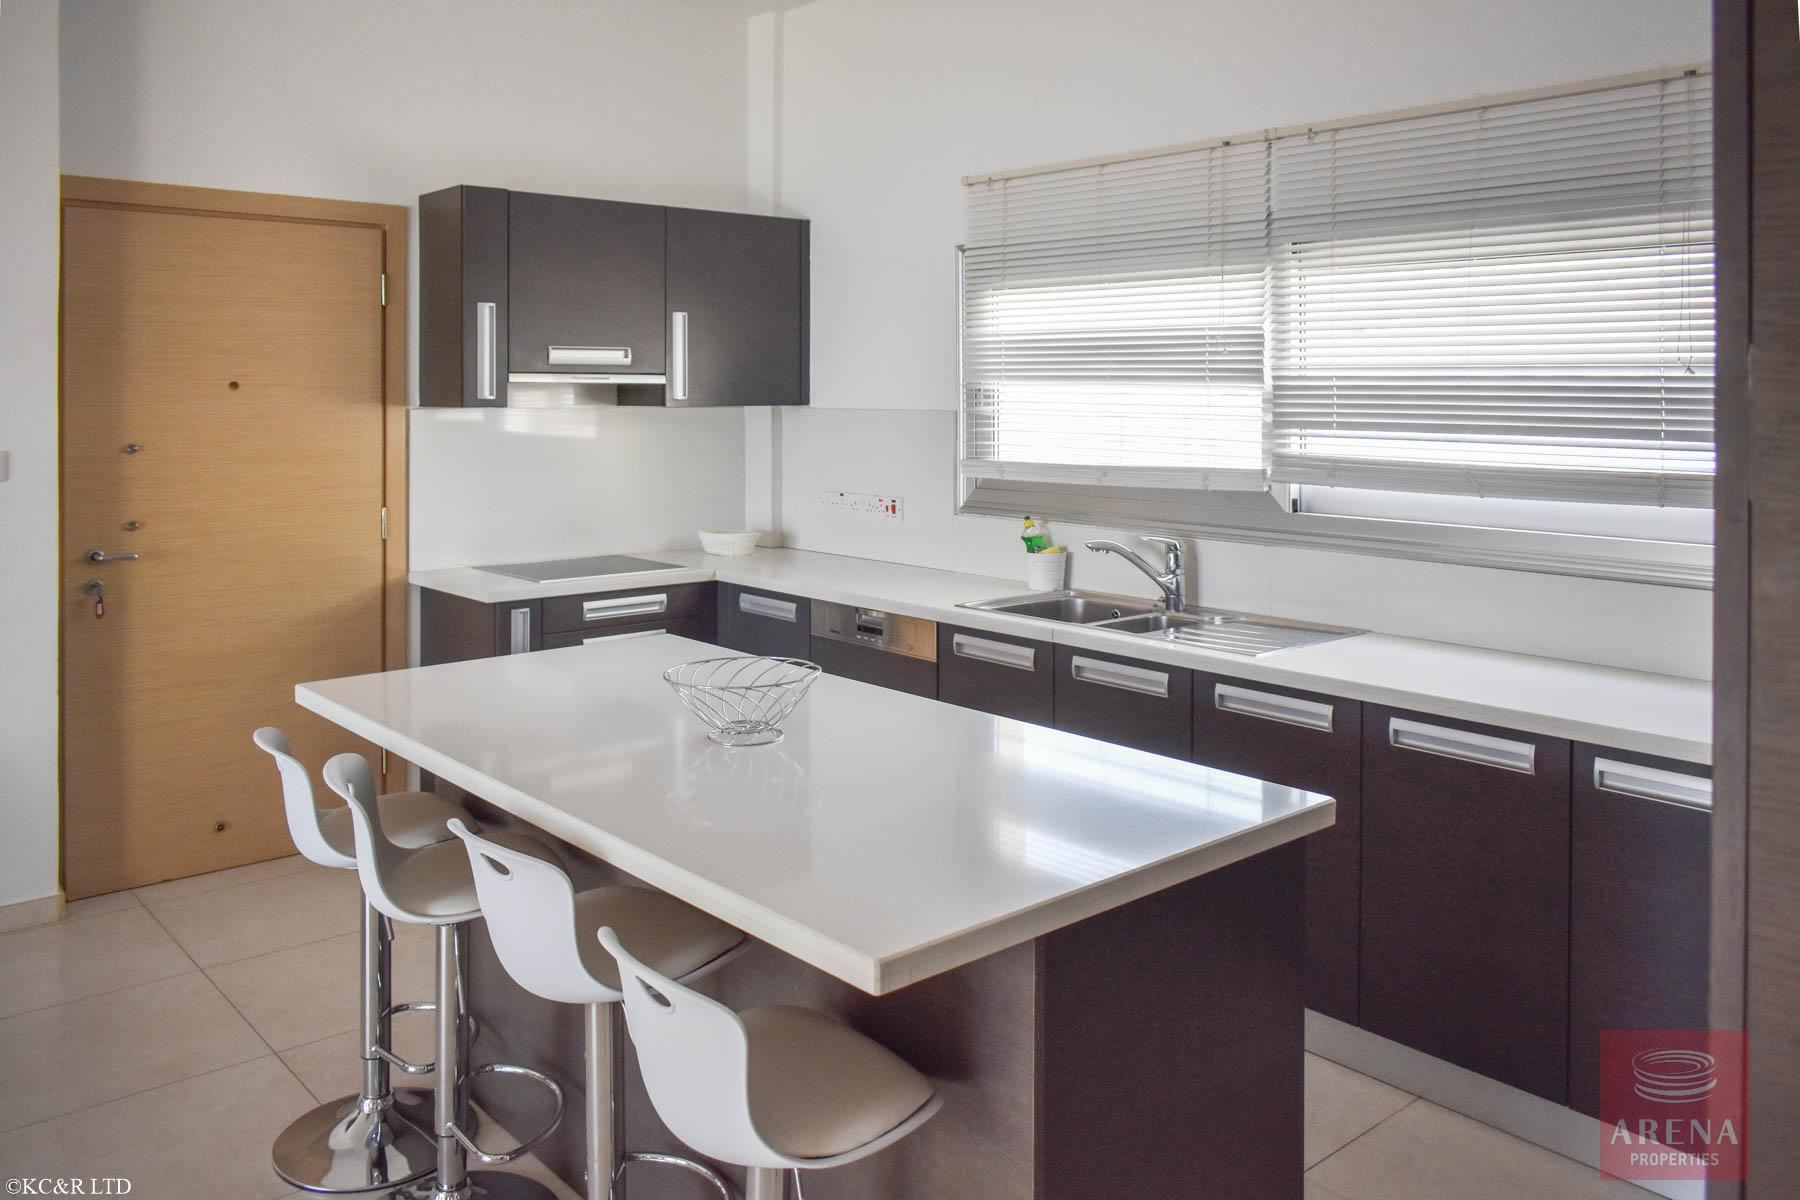 Seafront Apartment in Protaras - kitchen